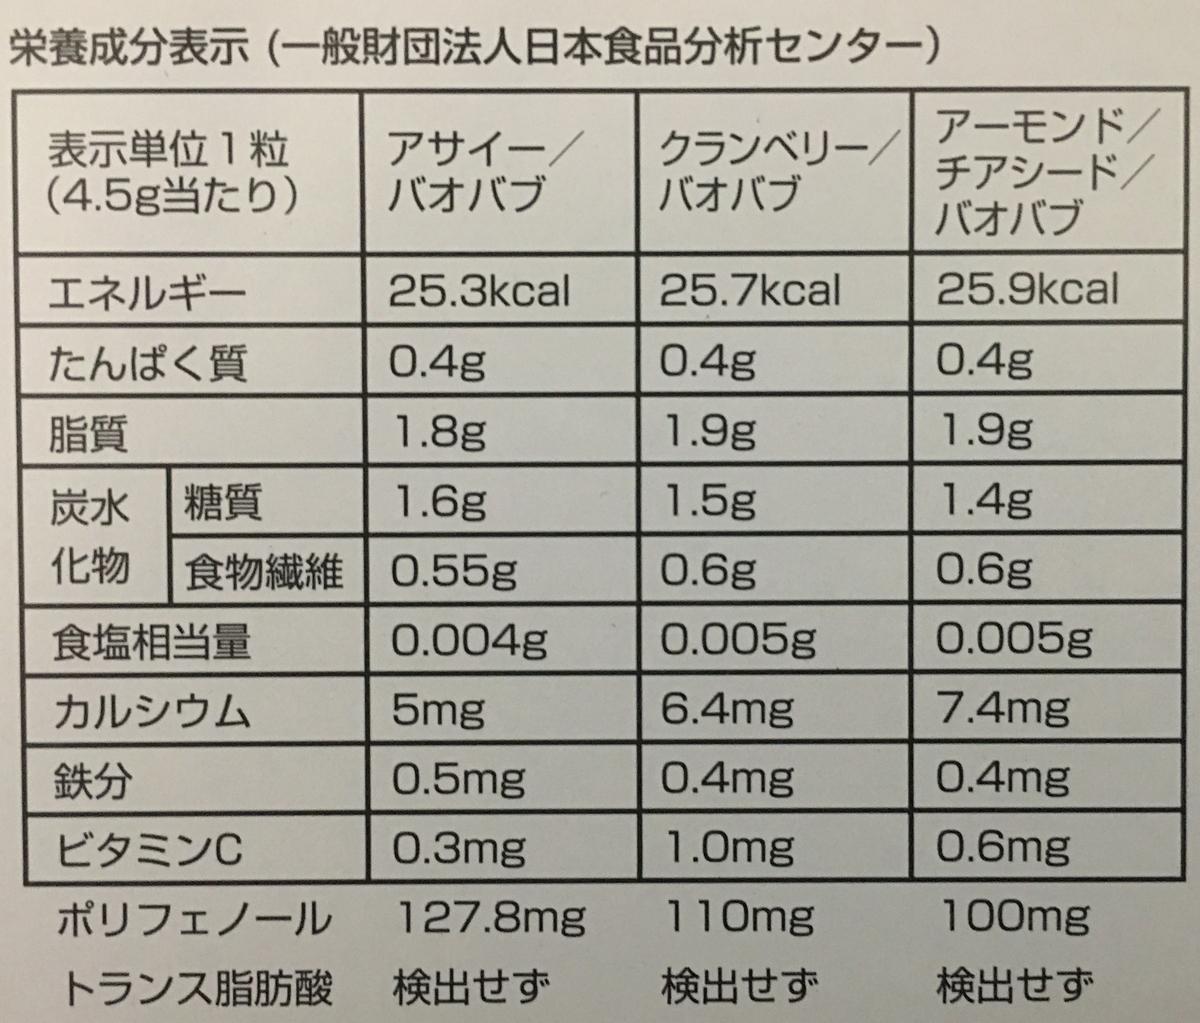 f:id:YOSHIO1010:20200203233602j:plain